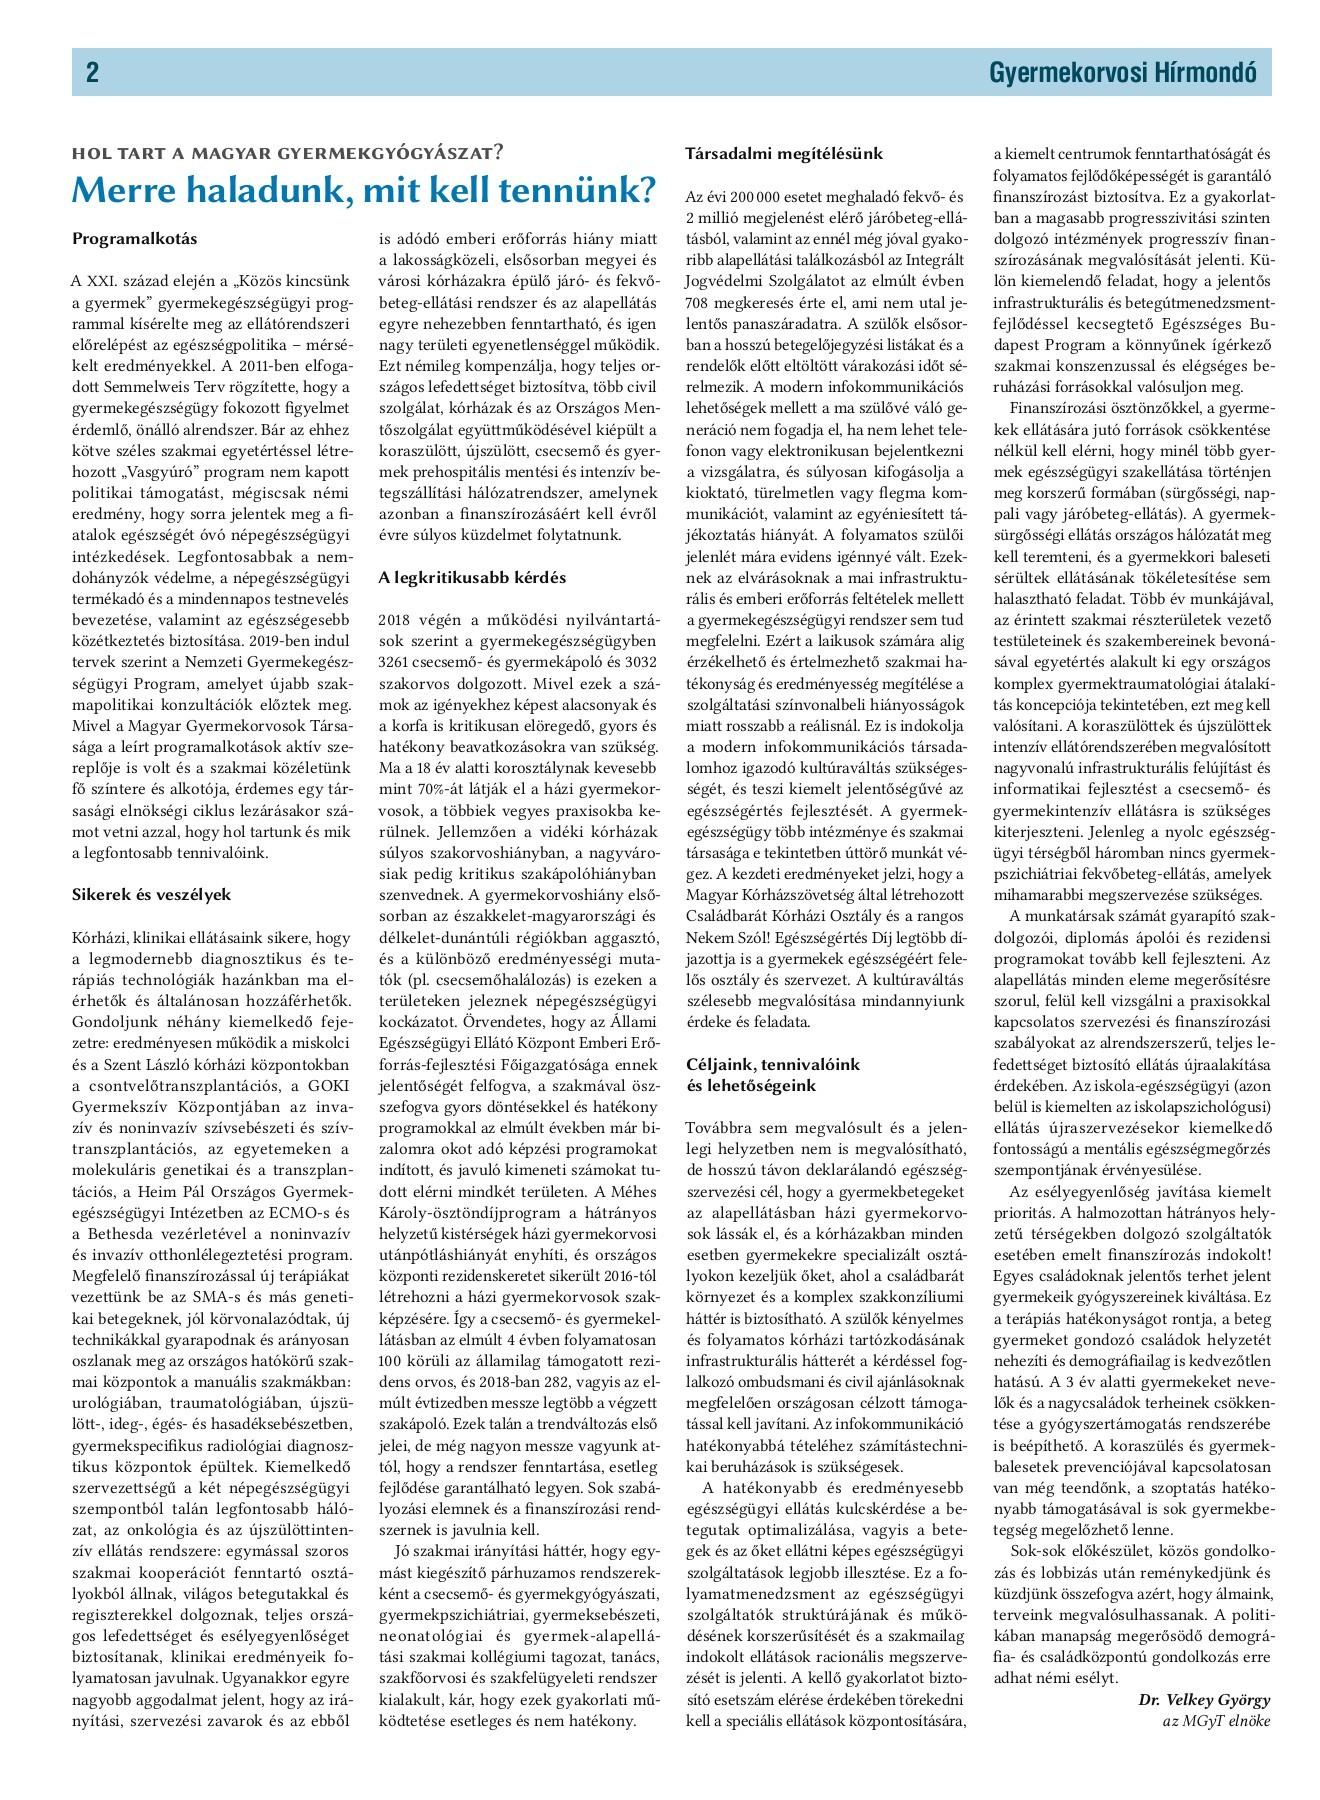 a magas vérnyomás neurogén elmélete